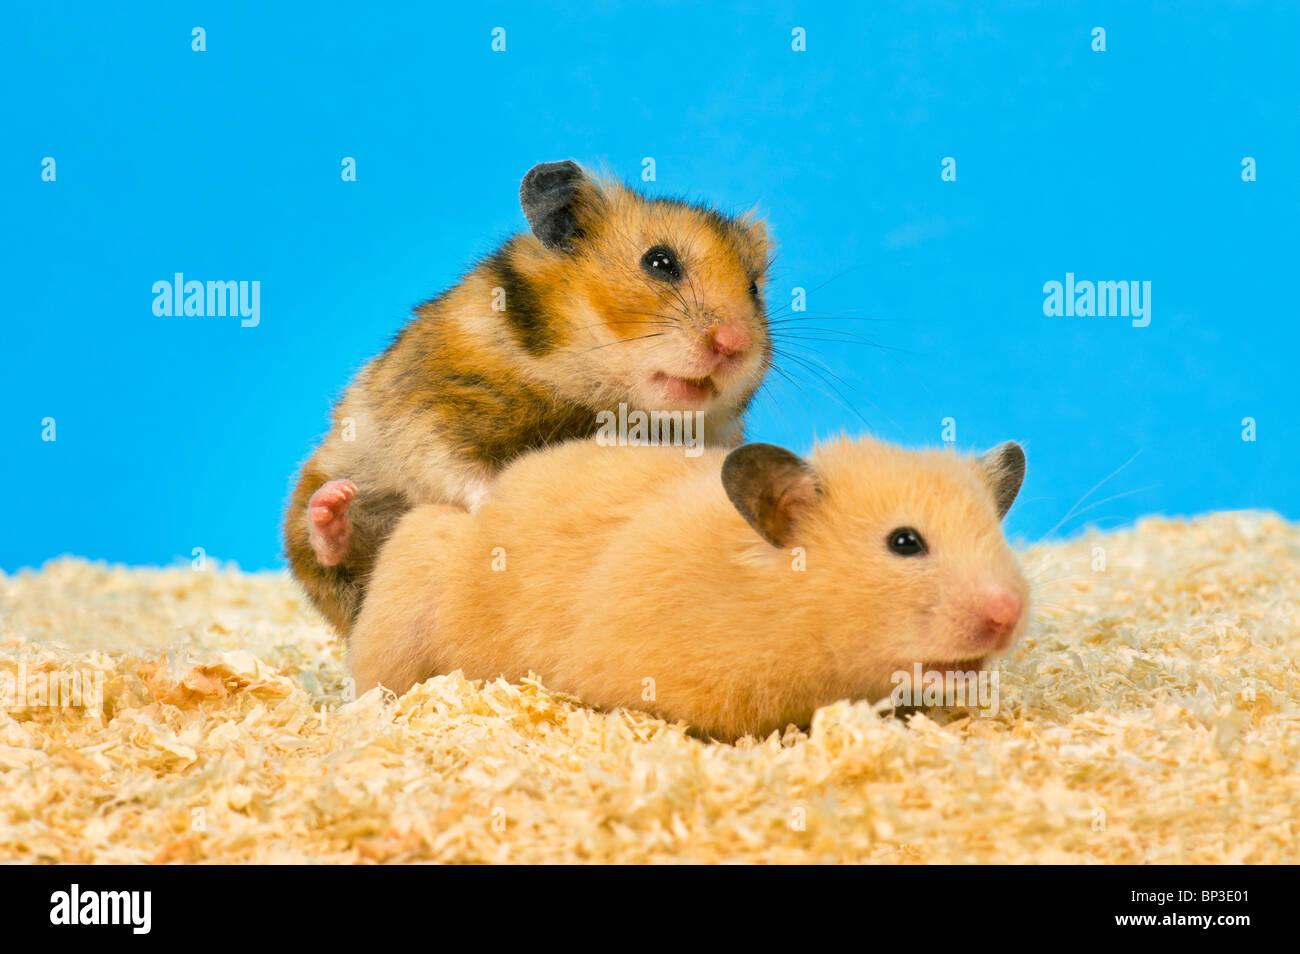 cupula-copulando-mamifero-roedor-bolsa-r